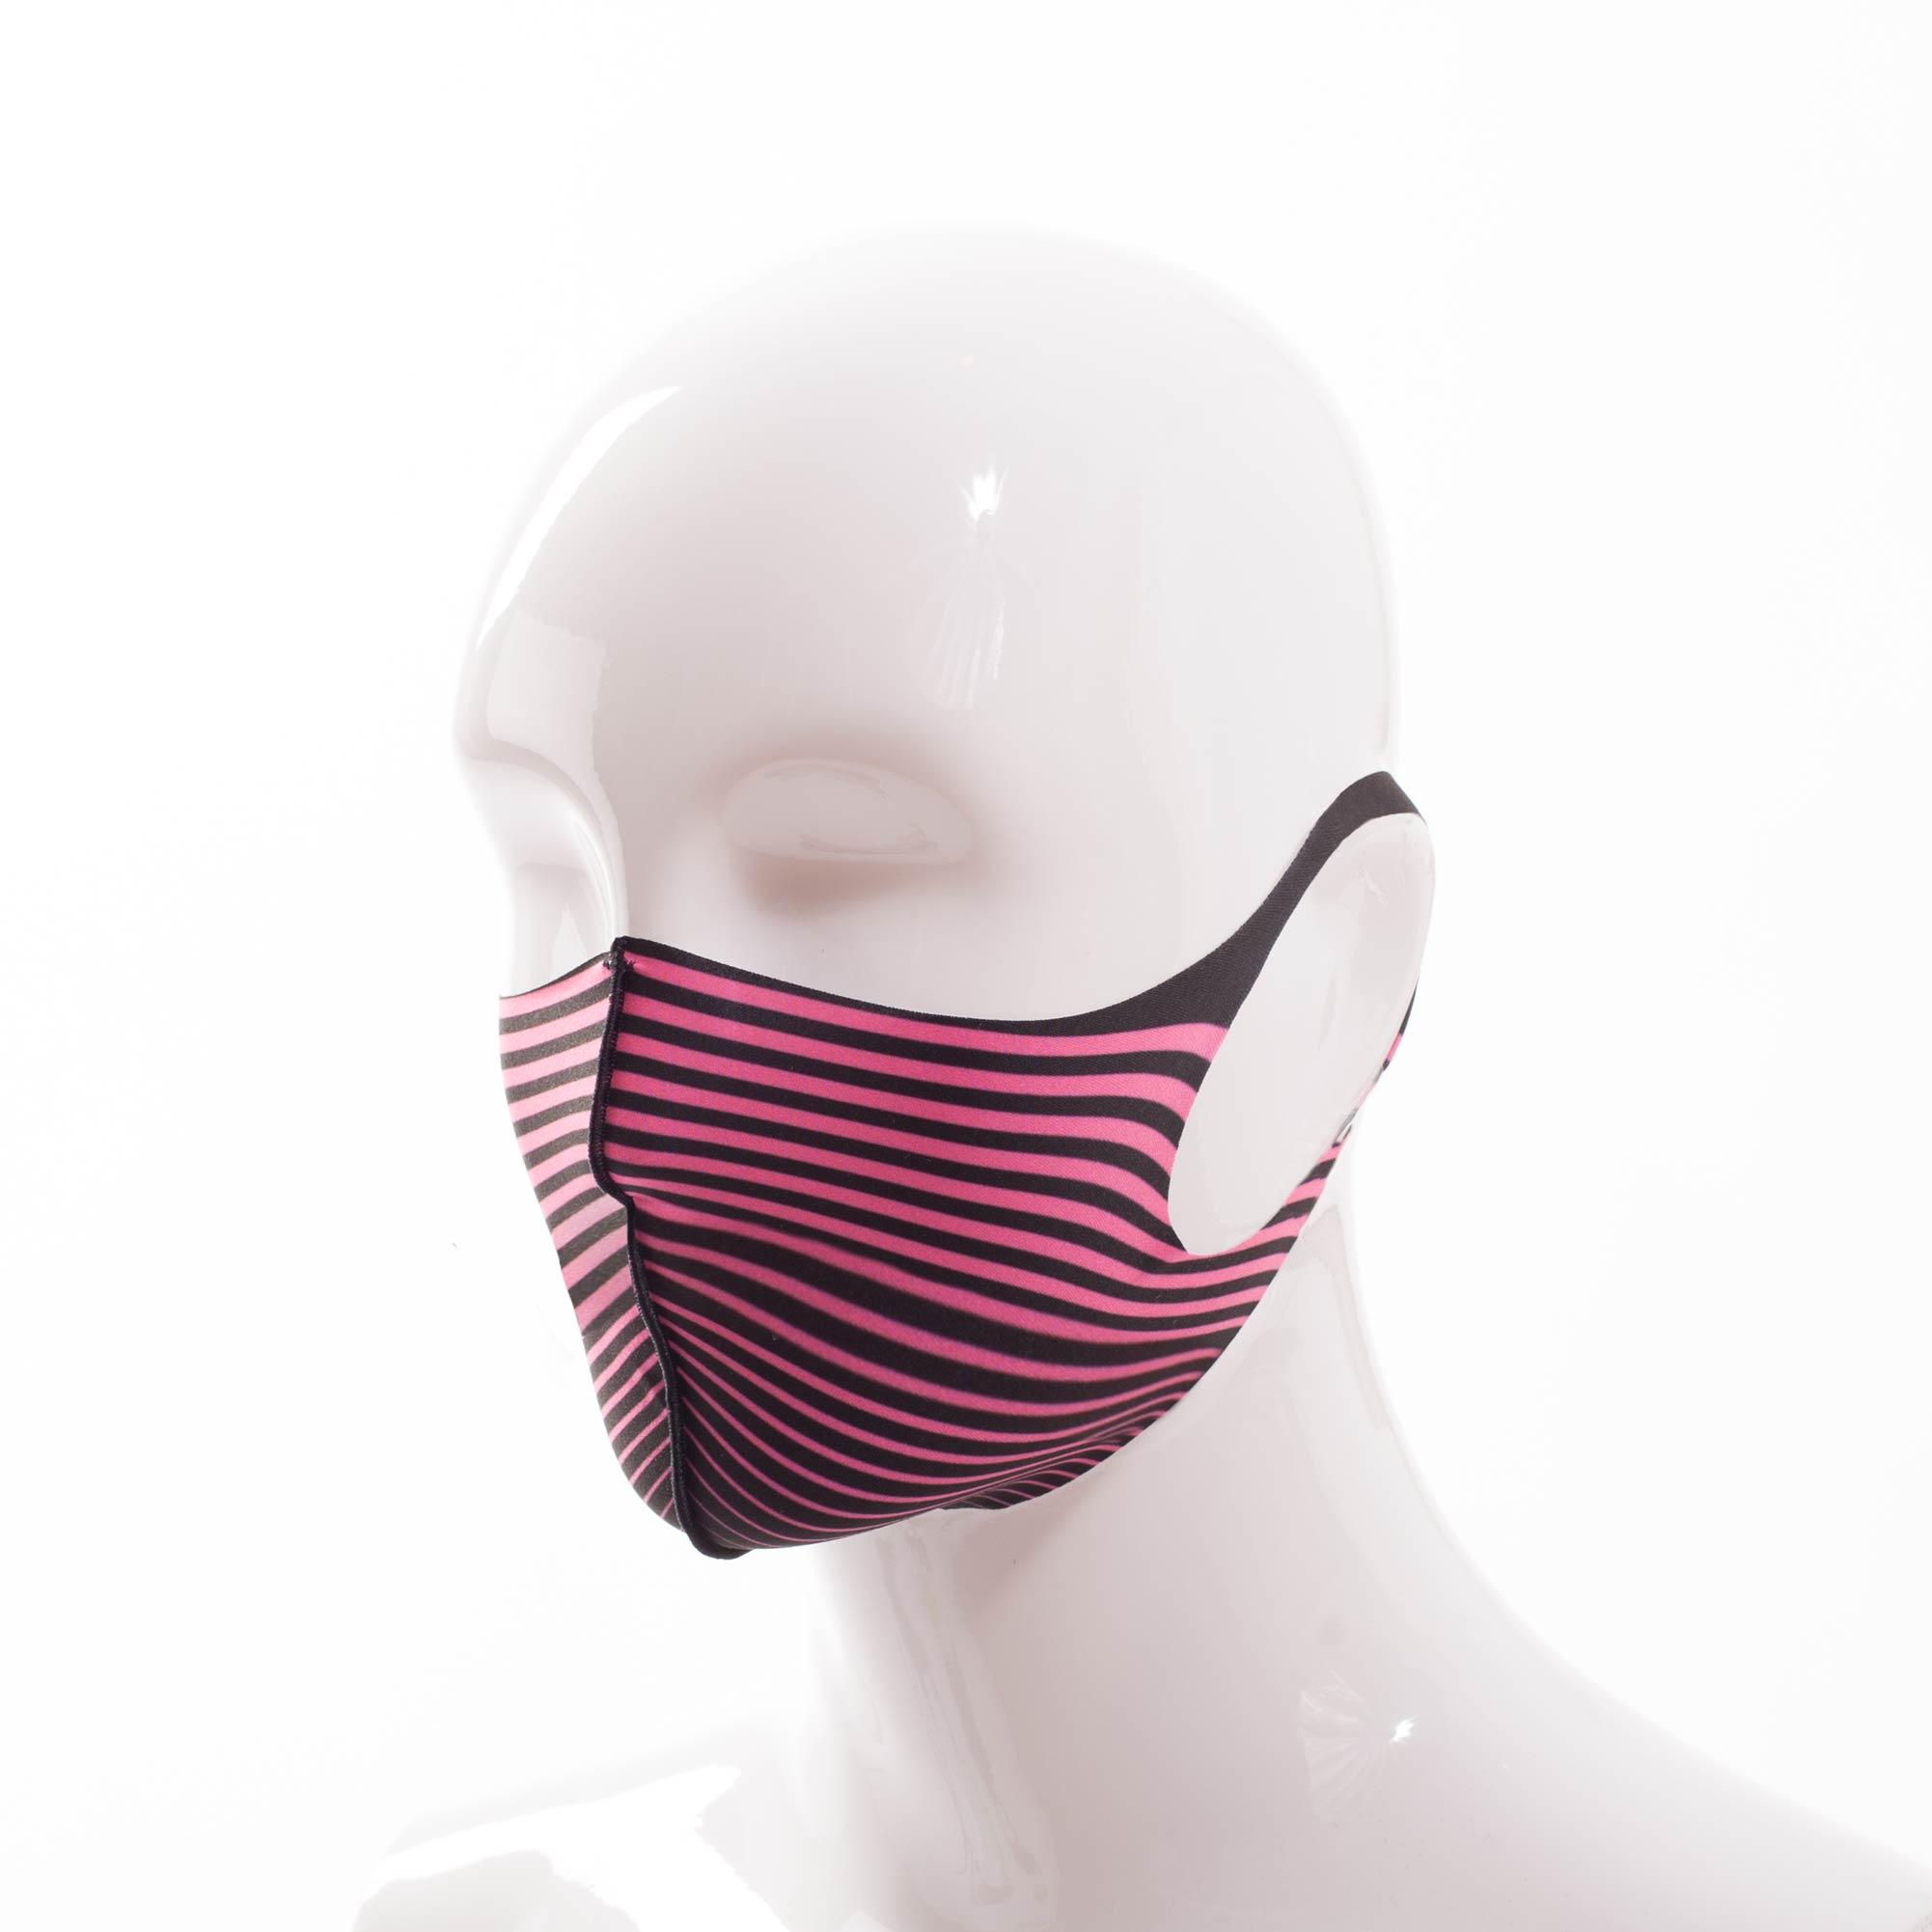 Die engmaschige Micro Mund-Nasen Maske MicroM6 von der Wonneberger Manufaktur ist eine textile Behelfsmaske, kein zertifizierter Mundschutz.  Sie schützt nur bedingt vor Ansteckung. Ihr eigentlicher Zweck ist es, den Atem des Trägers zu filtern und dadurch seine Umgebung zu schützen.  Fachgerechte Tragweise:…